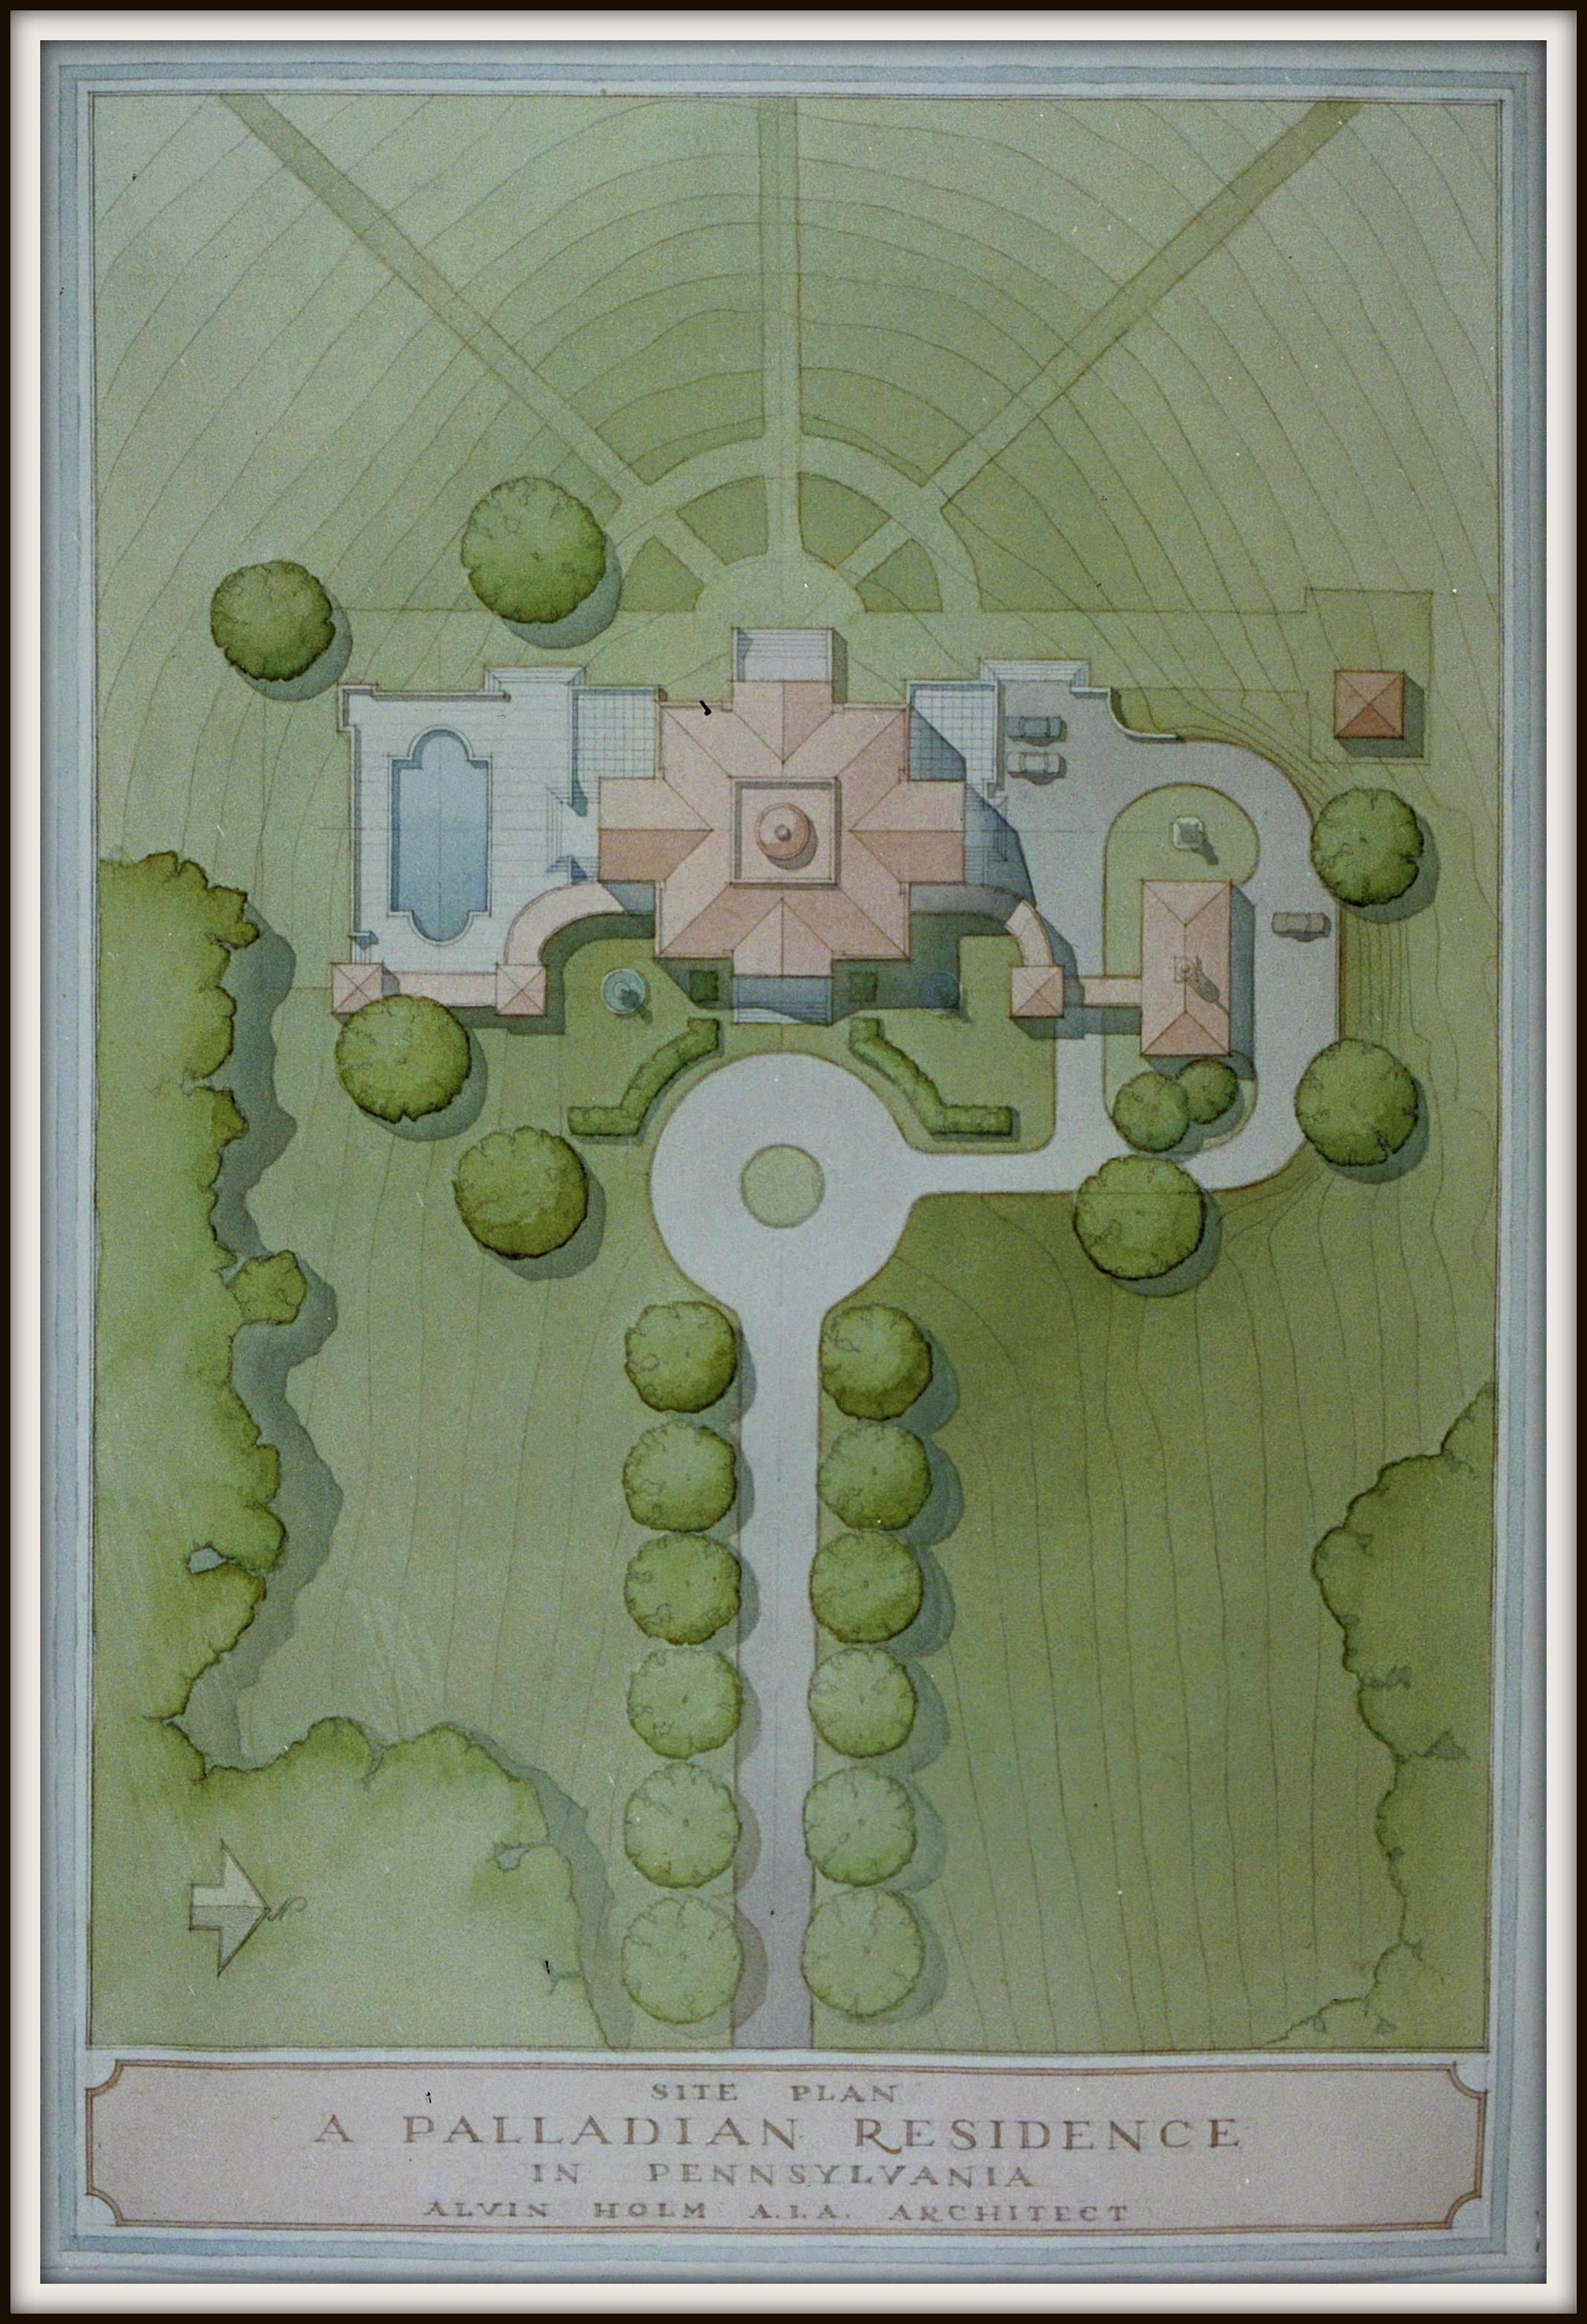 palladian resid. plan 002